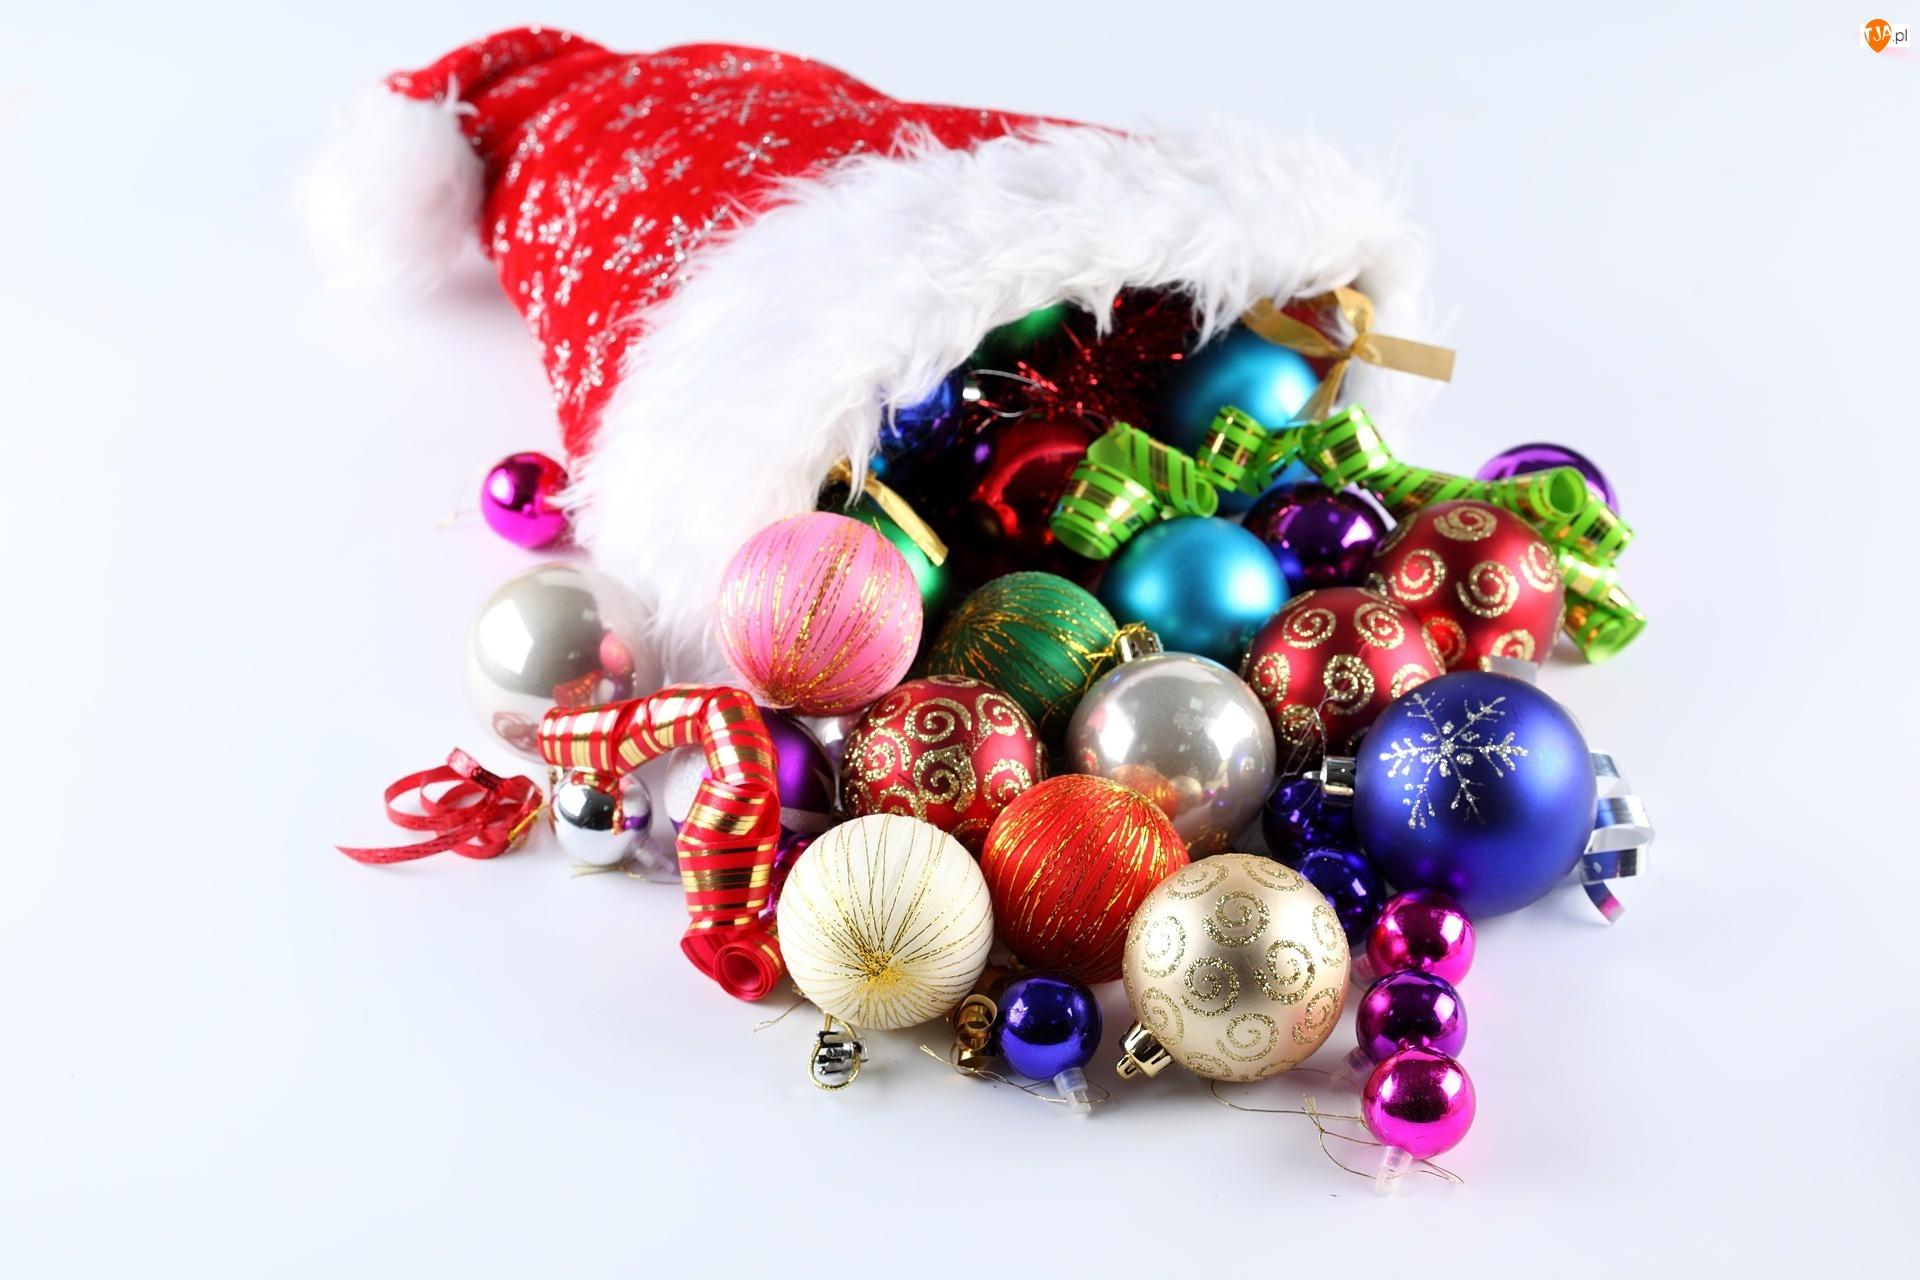 Boże Narodzenie, Bombki, Czapka, Mikołaja